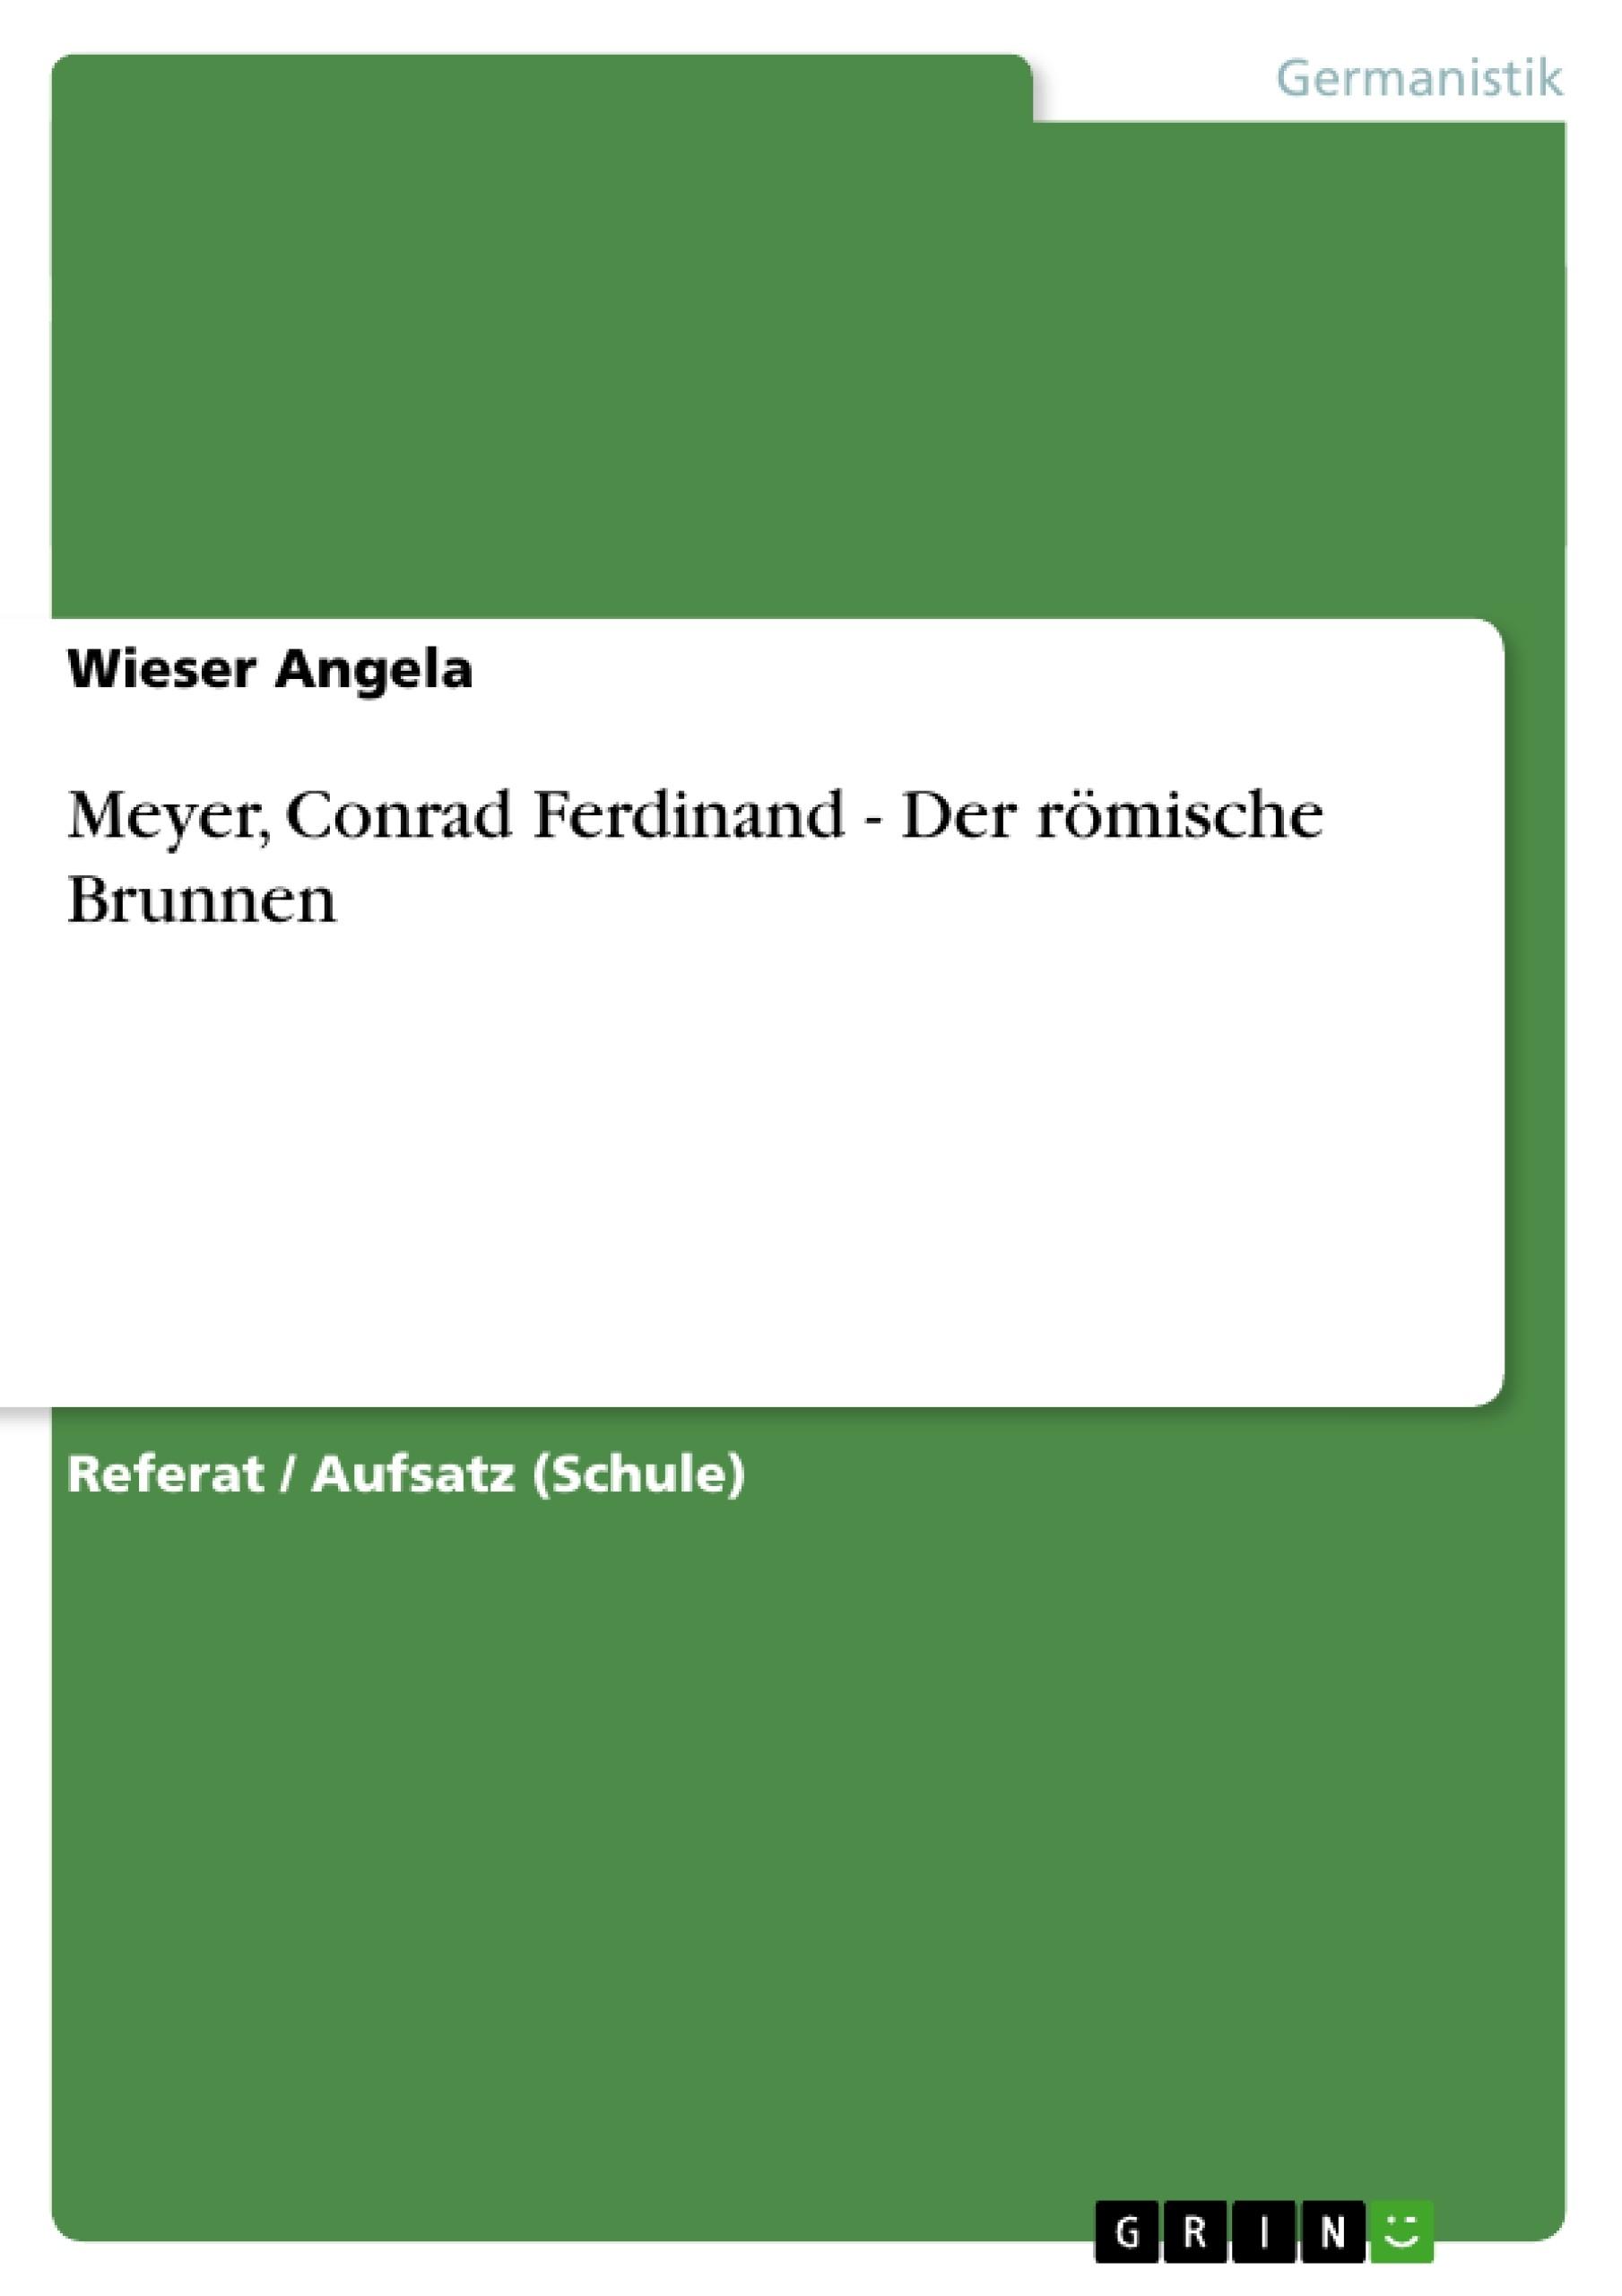 Titel: Meyer, Conrad Ferdinand - Der römische Brunnen